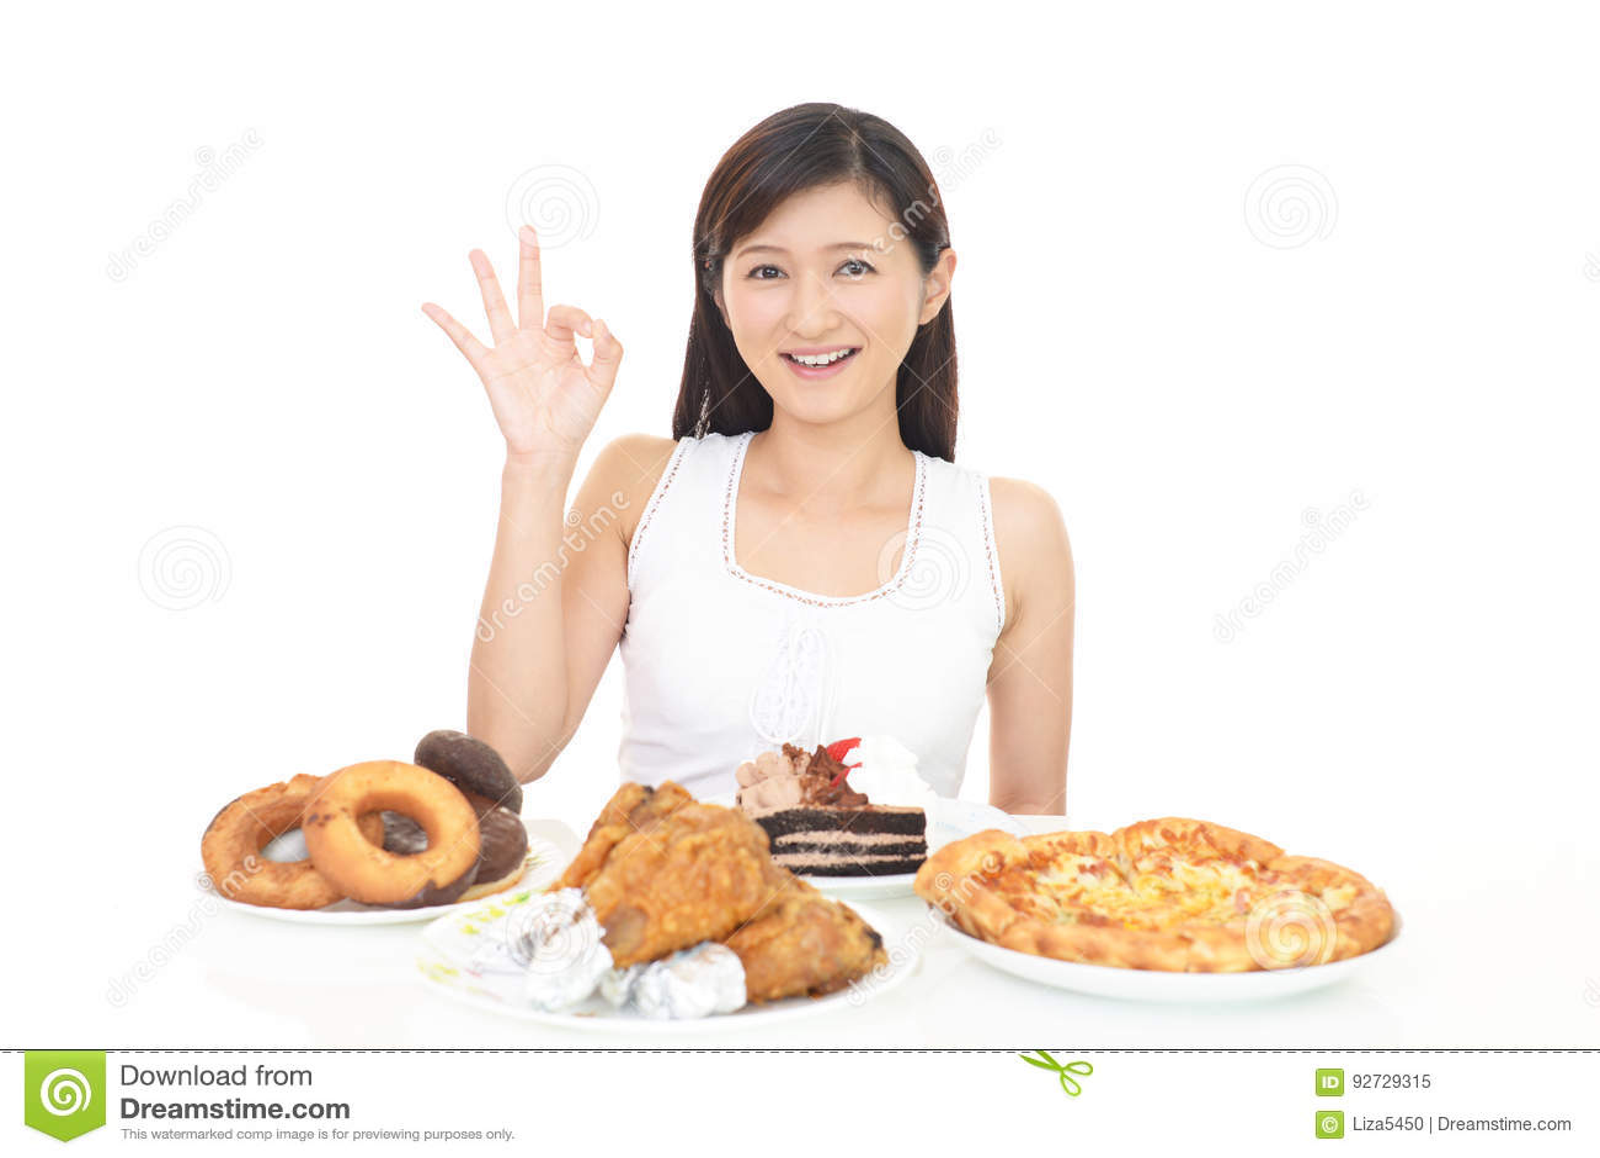 Frau, die Mahlzeiten isst